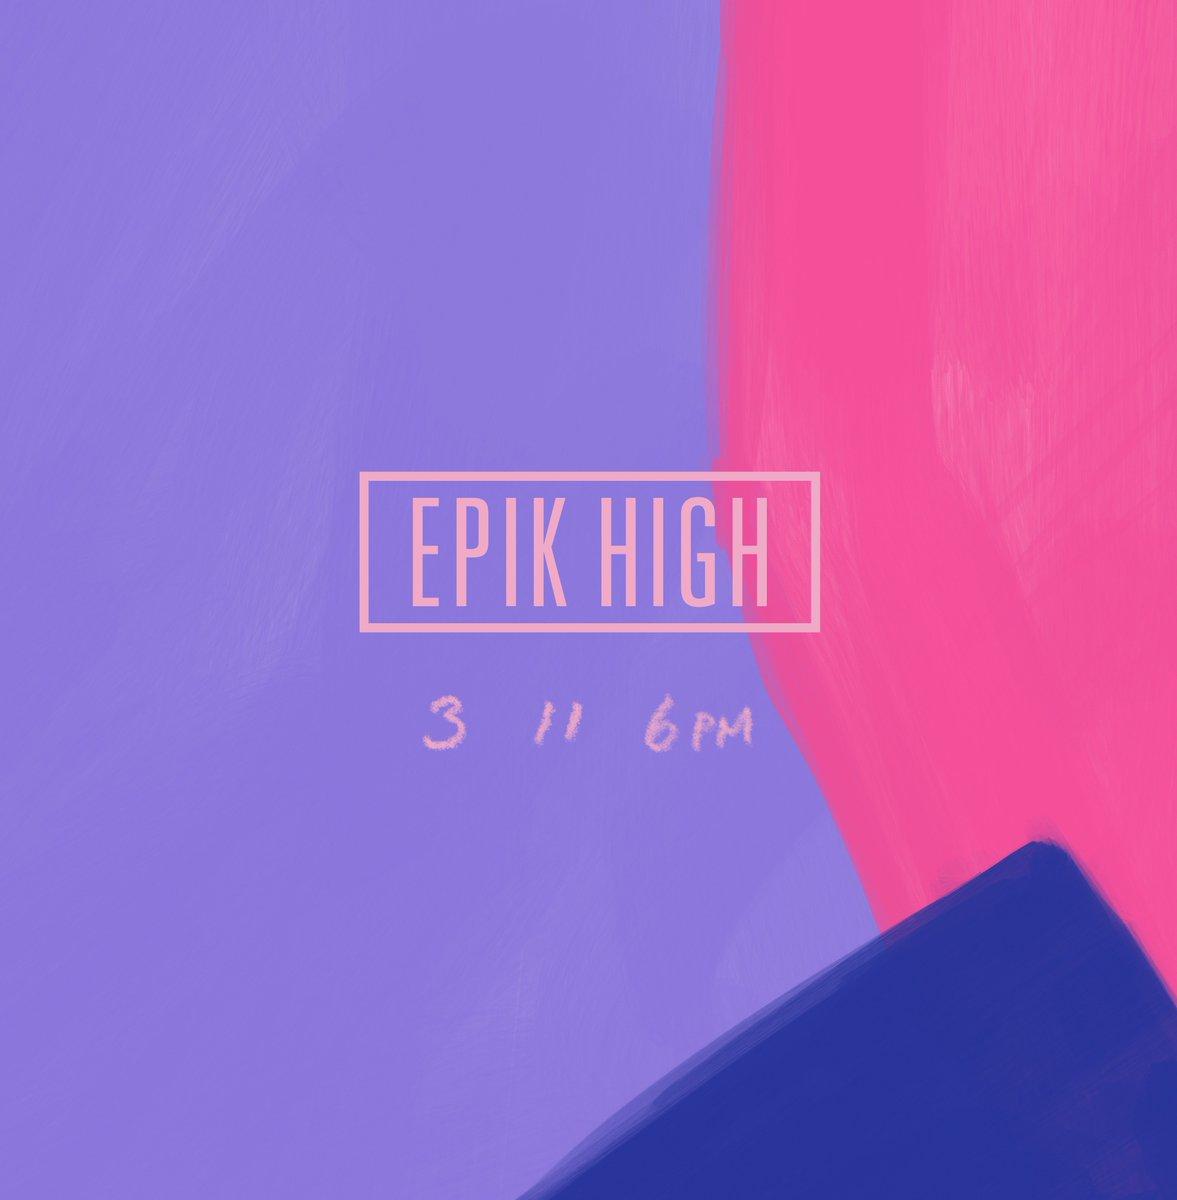 타블로   Tablo of Epik High's photo on 에픽하이